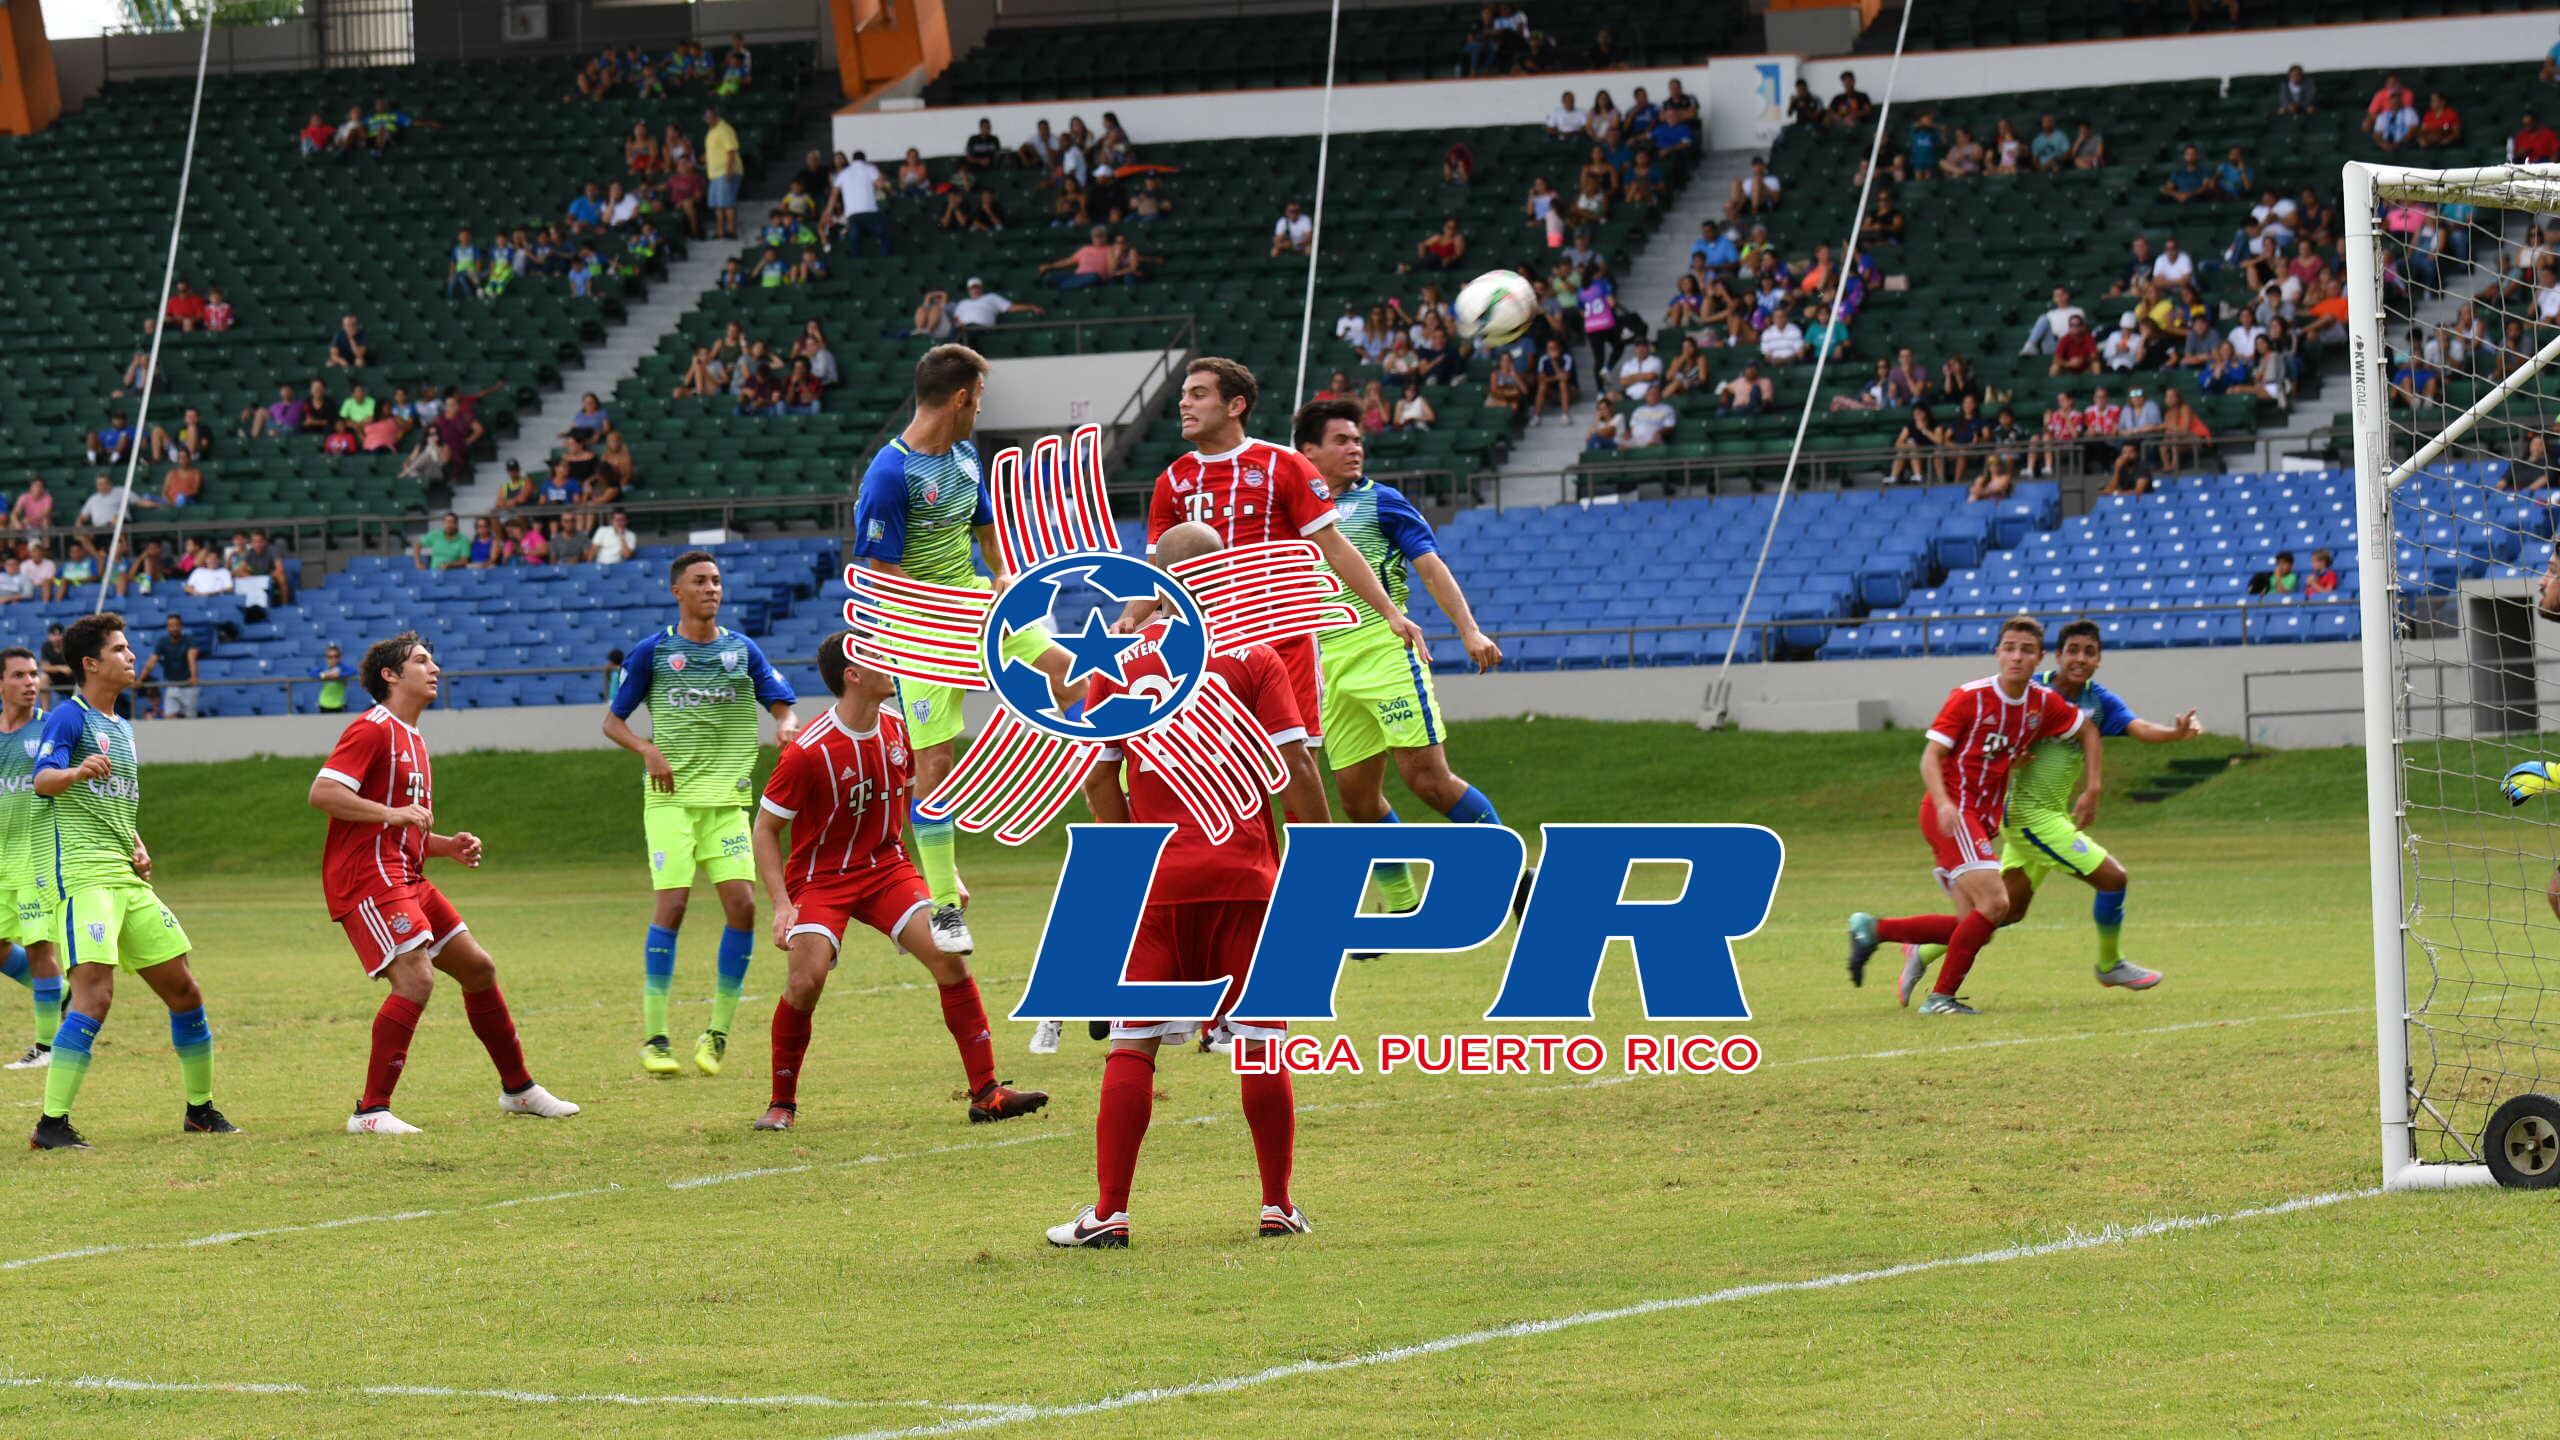 Bayamoìn FC LPR